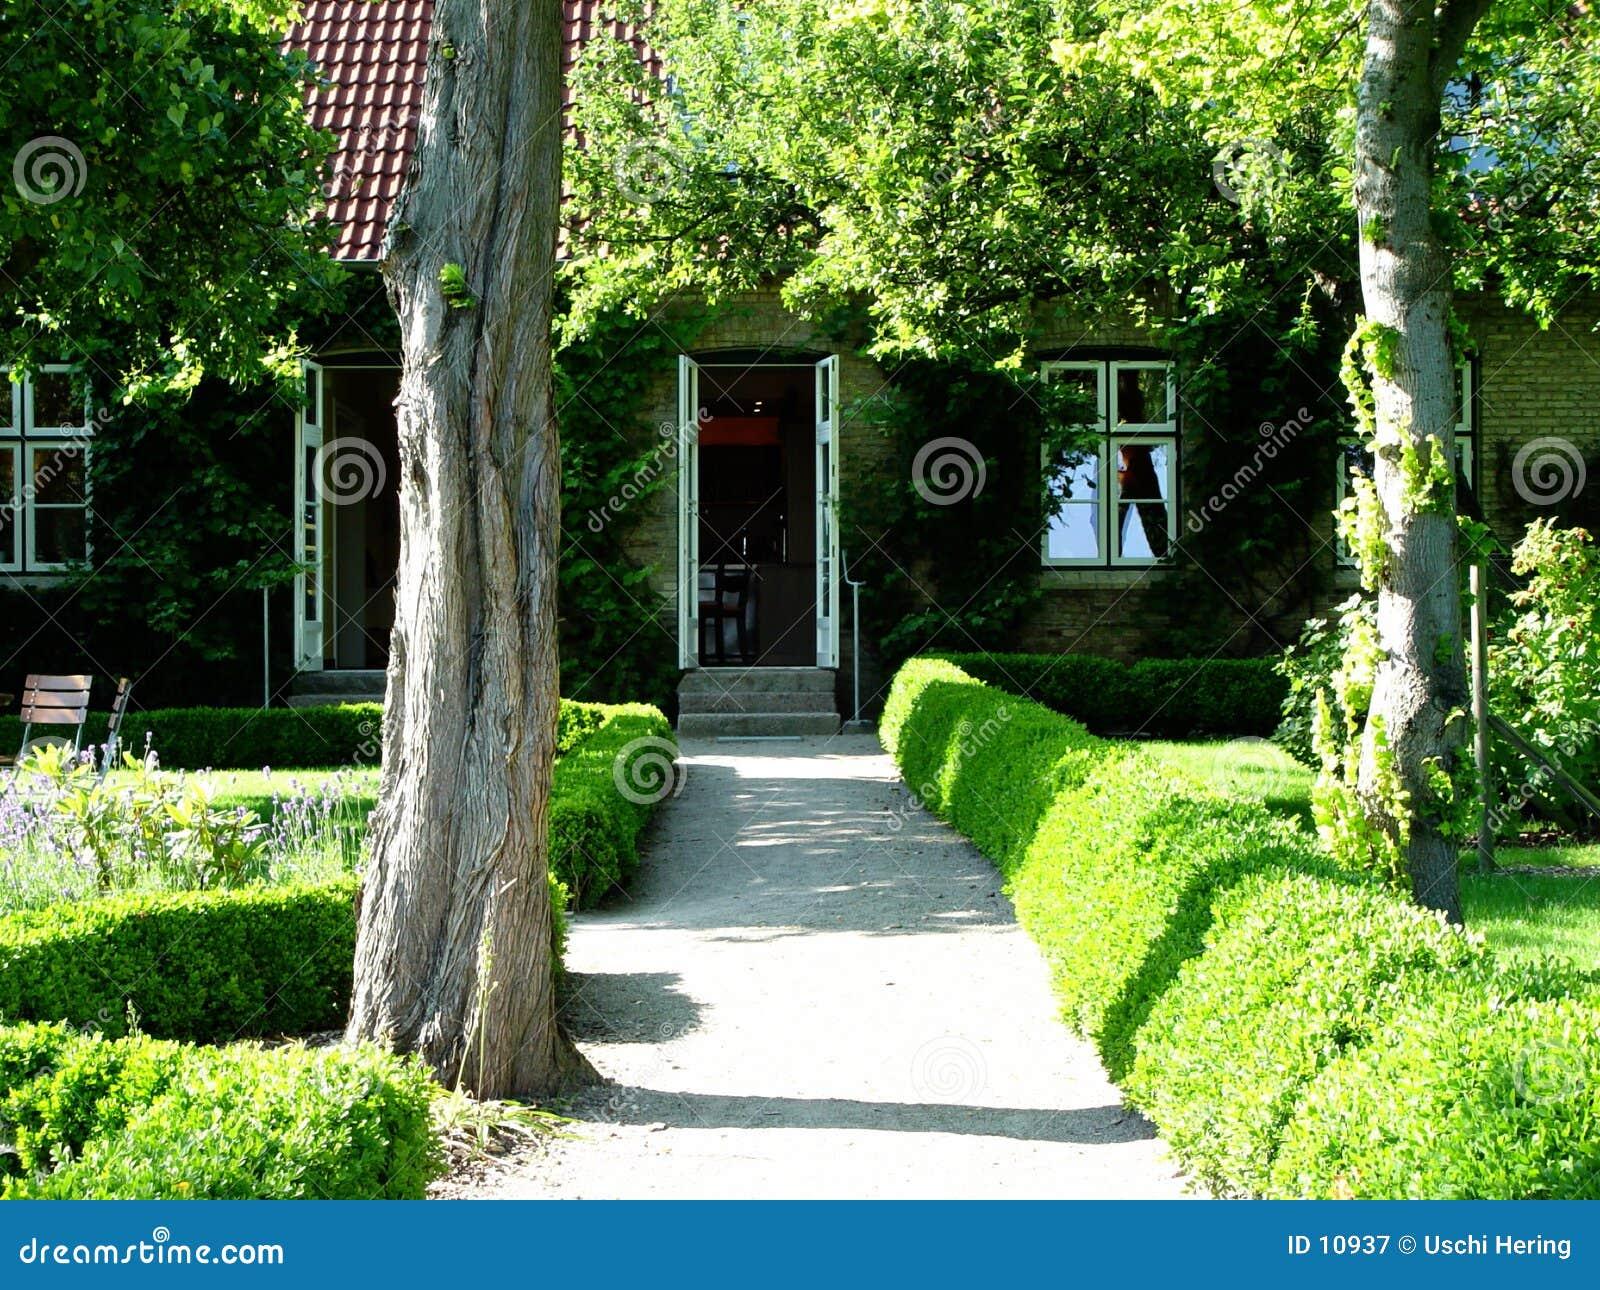 garden + house